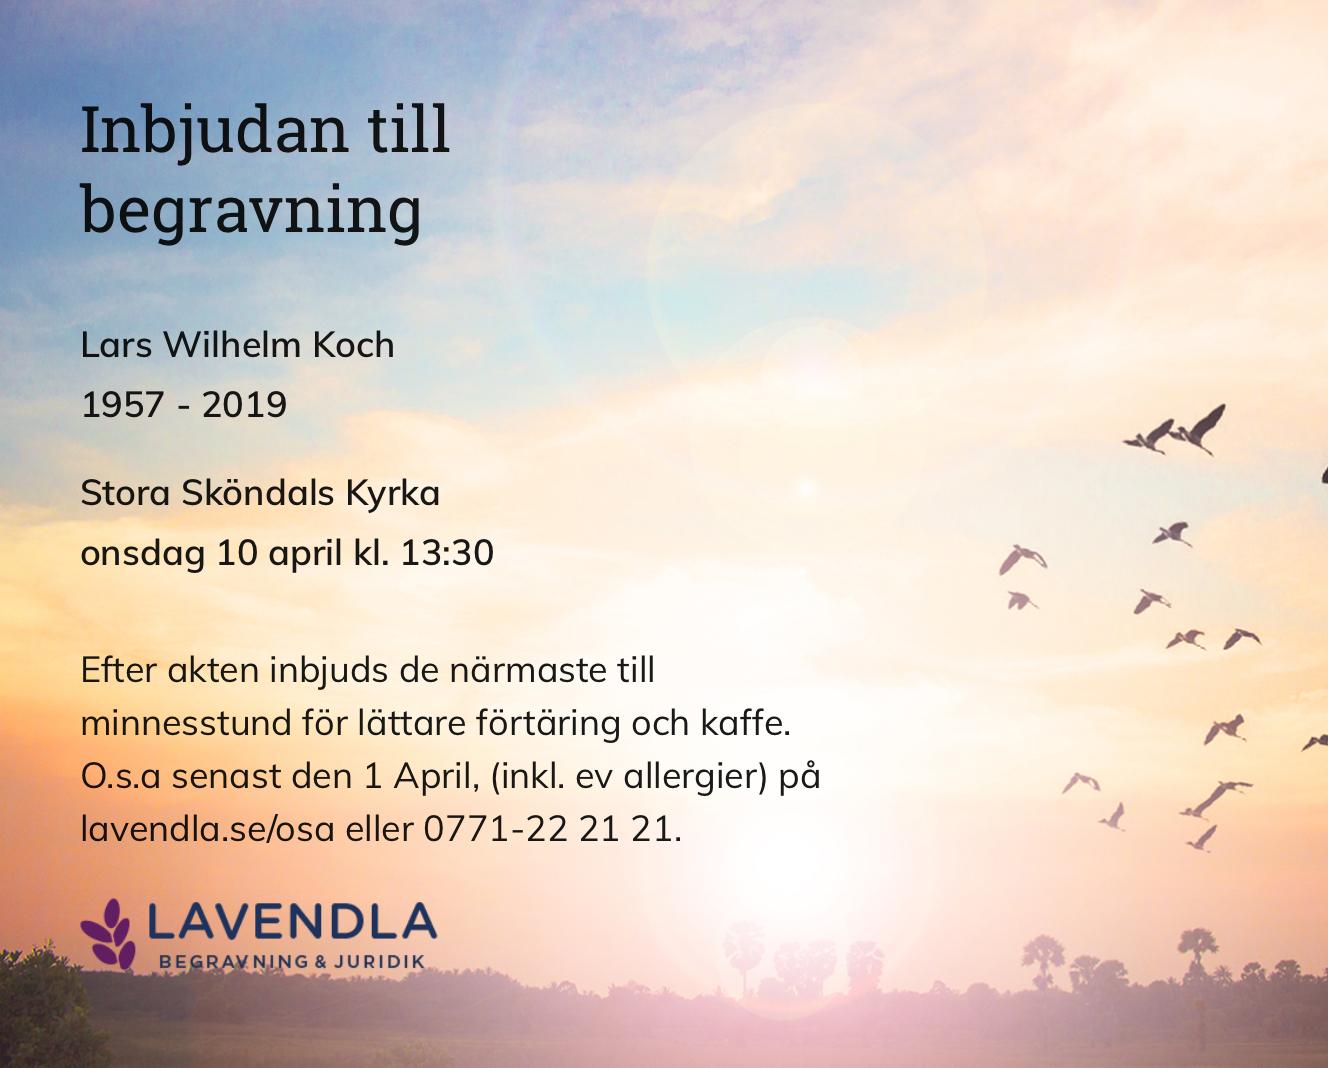 Inbjudningskort till ceremonin för Lars Wilhelm Koch